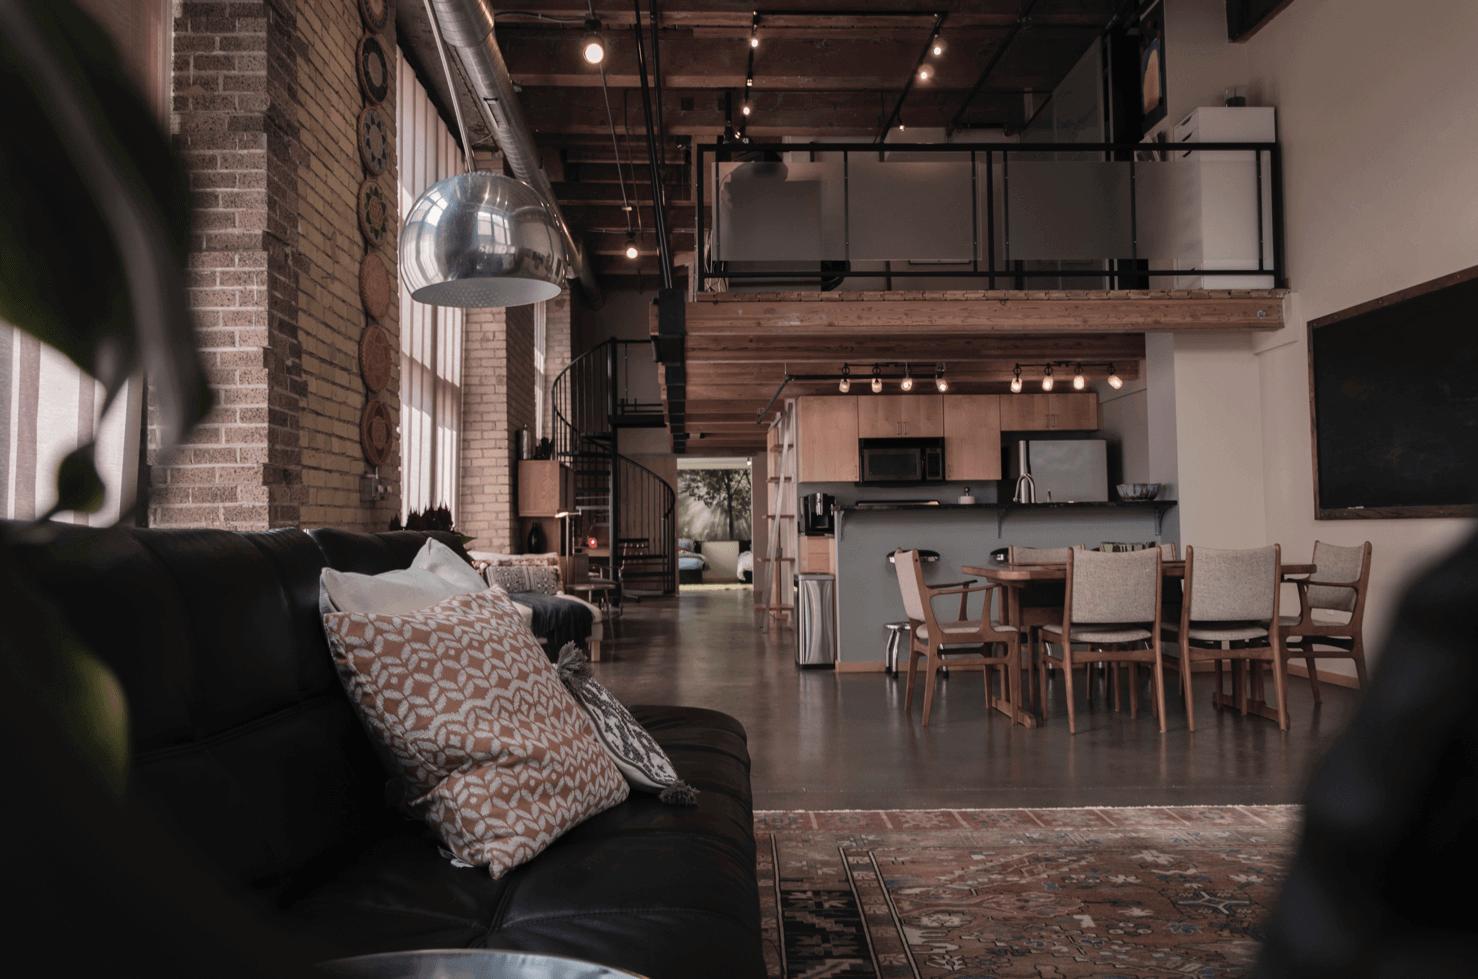 Апартаменты это нежилые помещения купить недвижимость в турции недорого